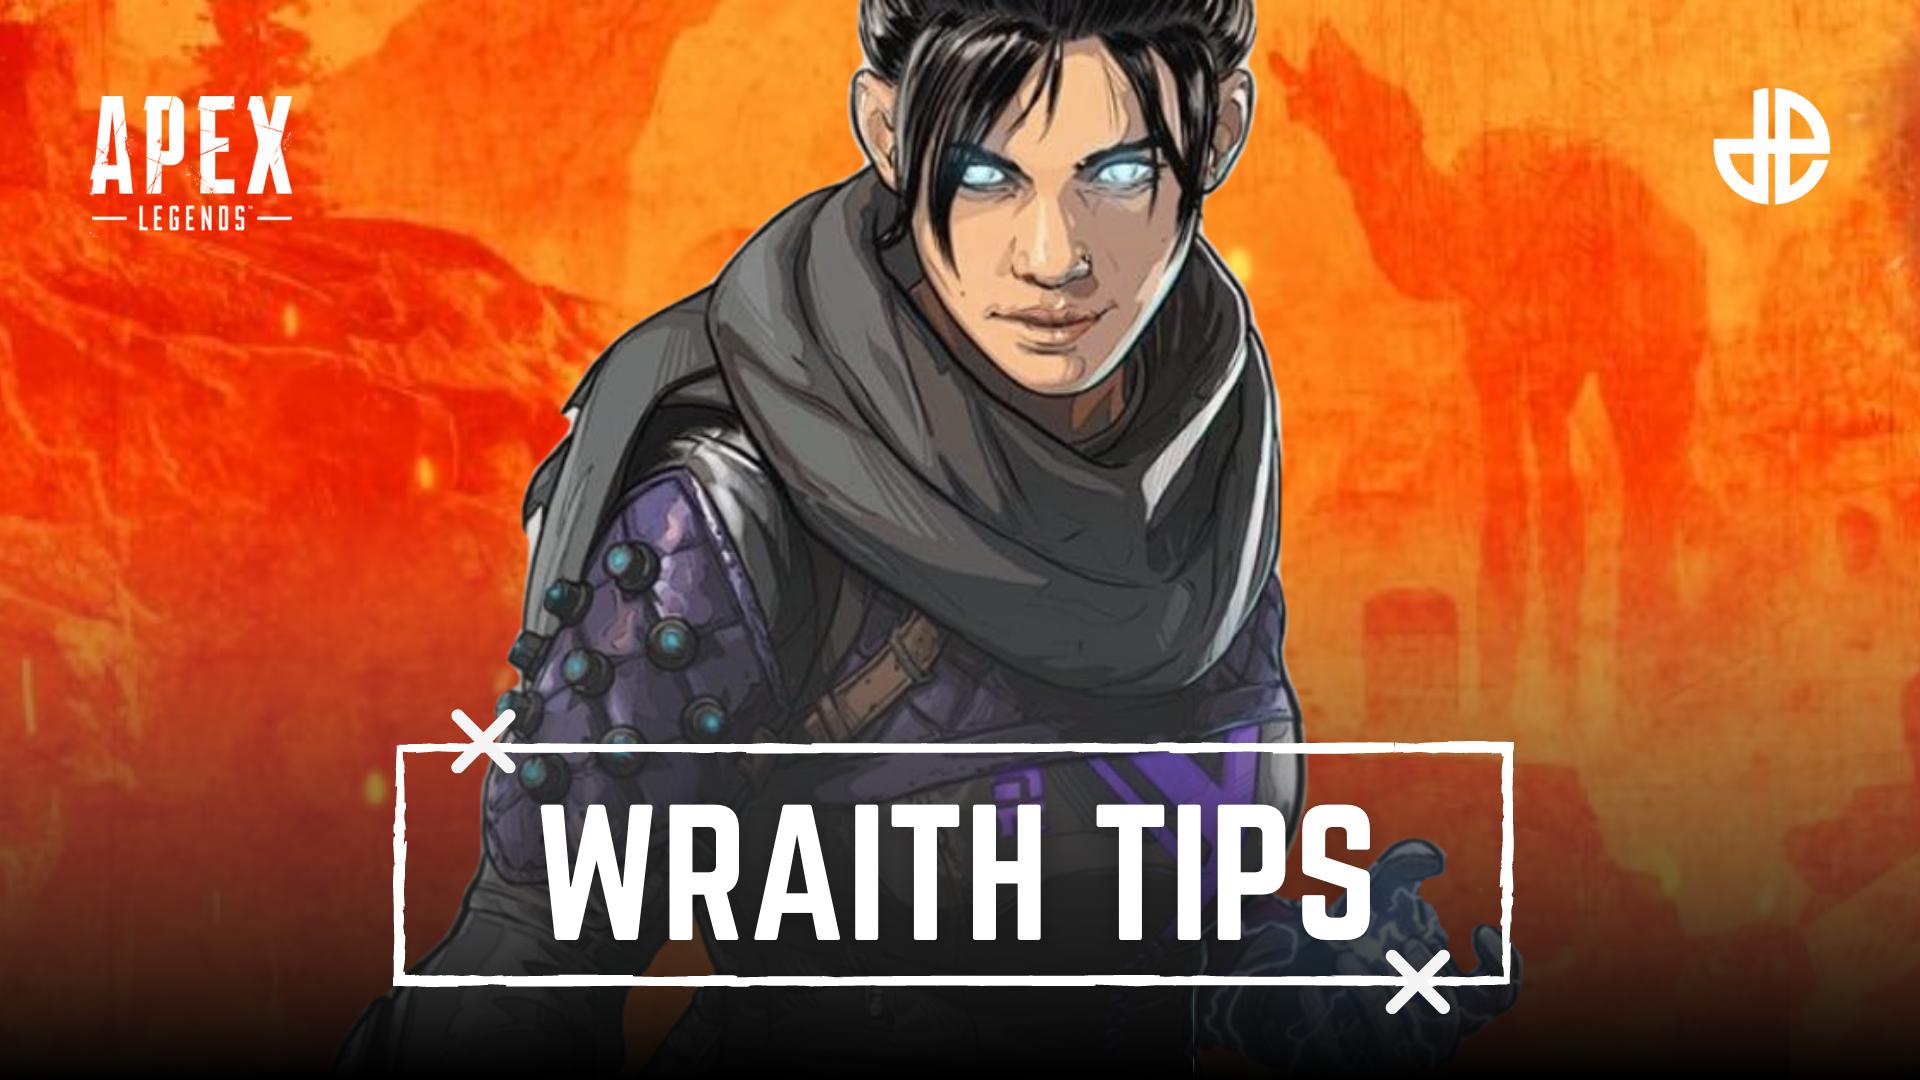 Wraith tips